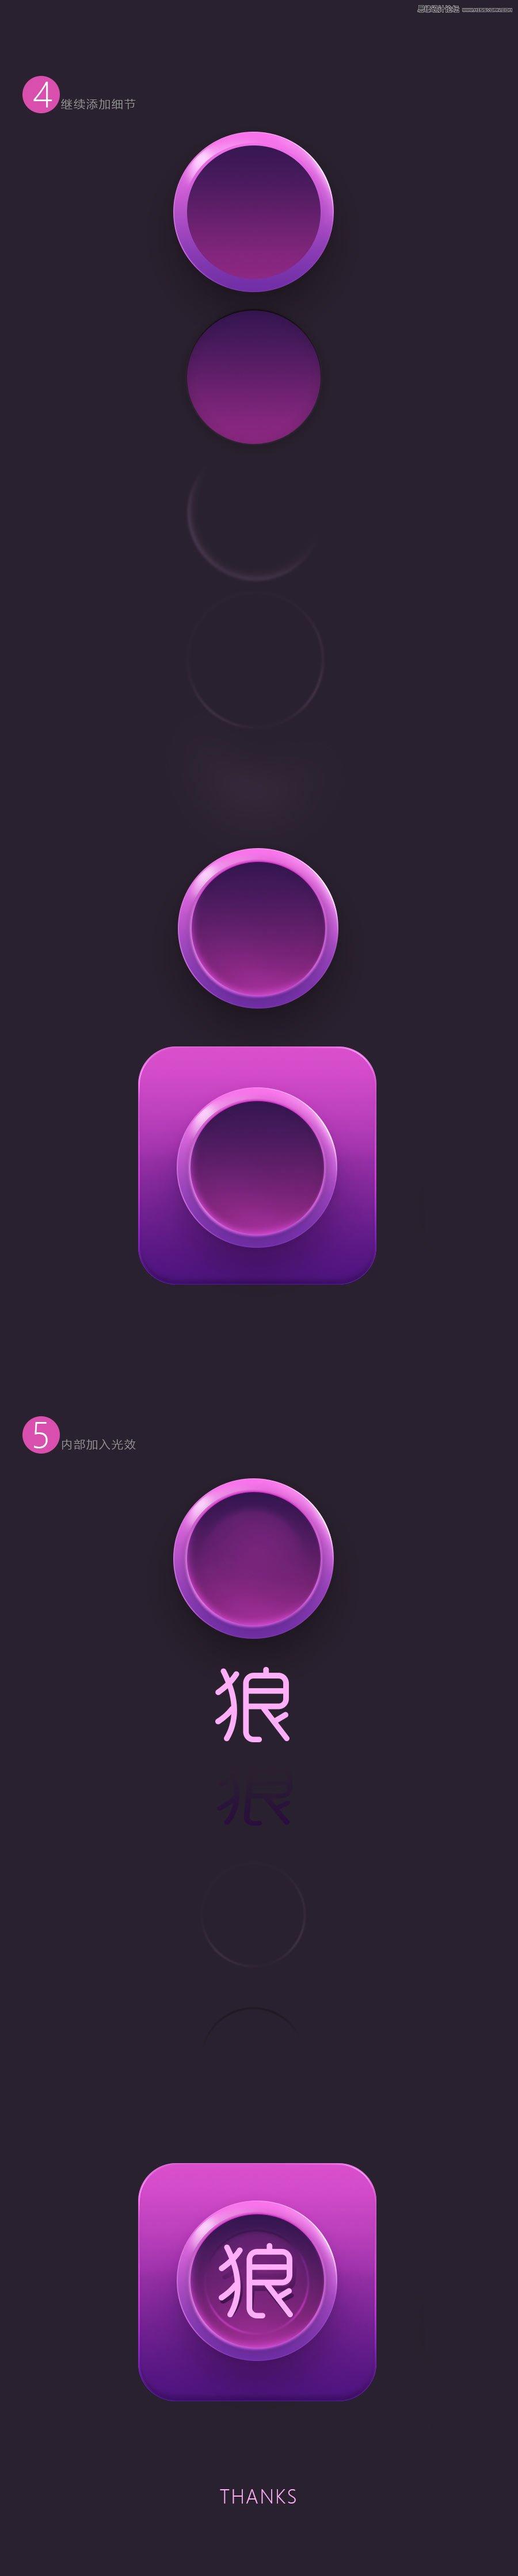 Photoshop繪製紫色立體風格的APP圖標